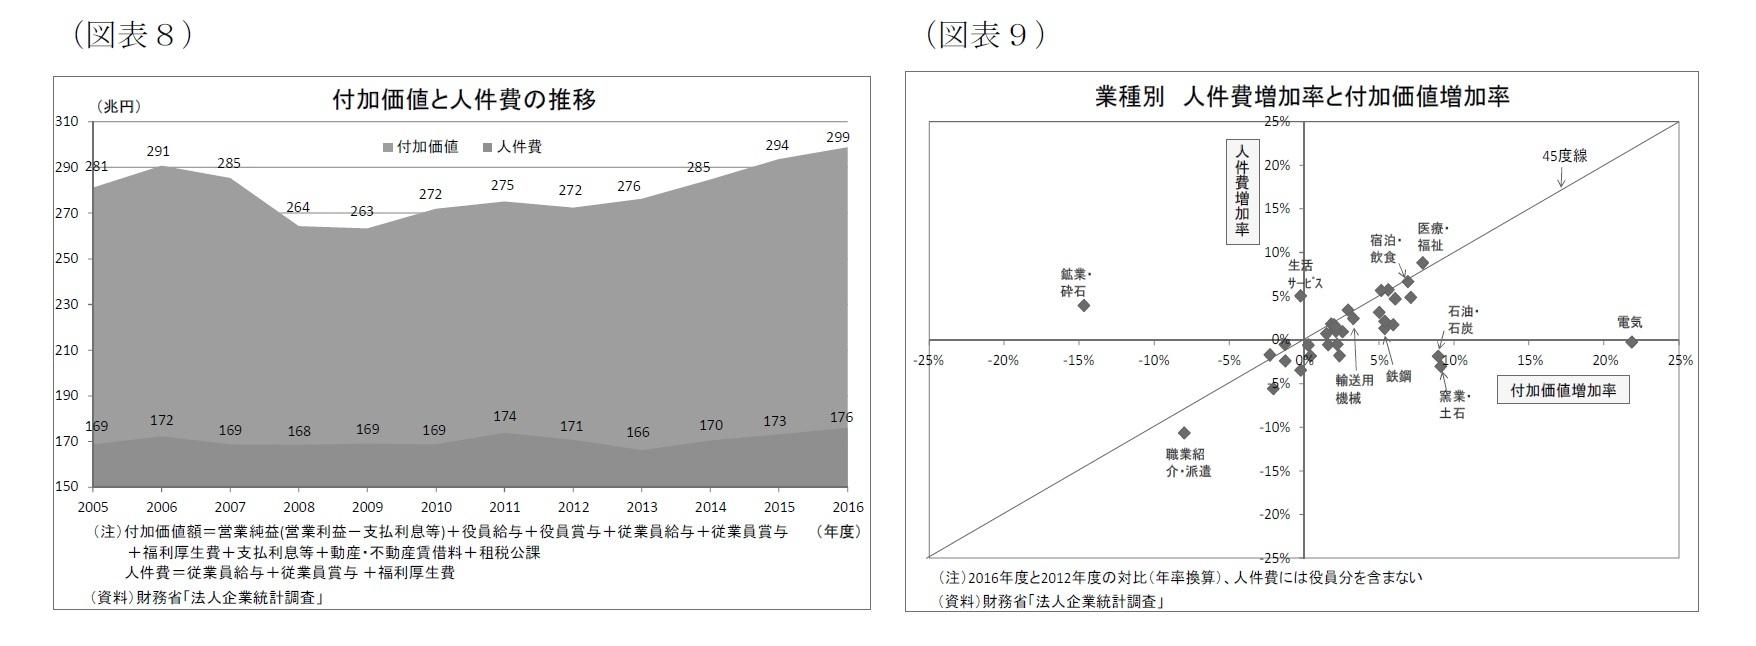 (図表8)付加価値と人件費の推移/(図表9)業種別人件費増加率と付加価値増加率